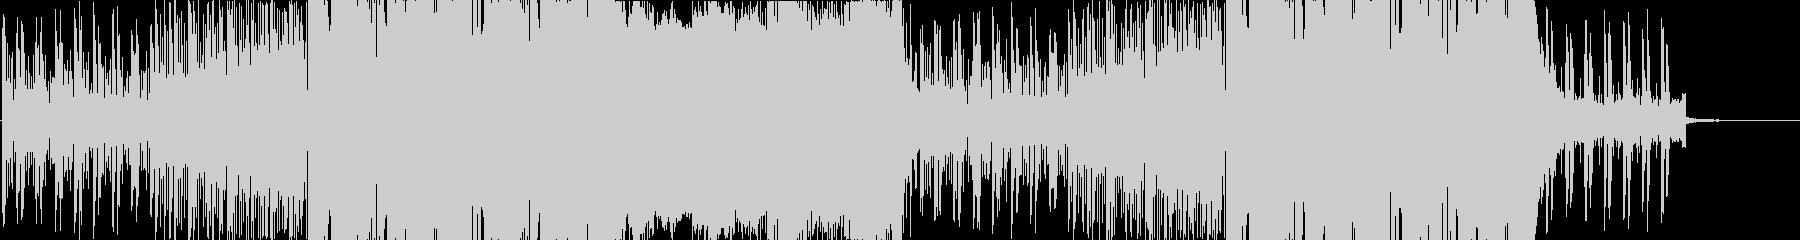 8bitロマンス/ FutureBassの未再生の波形